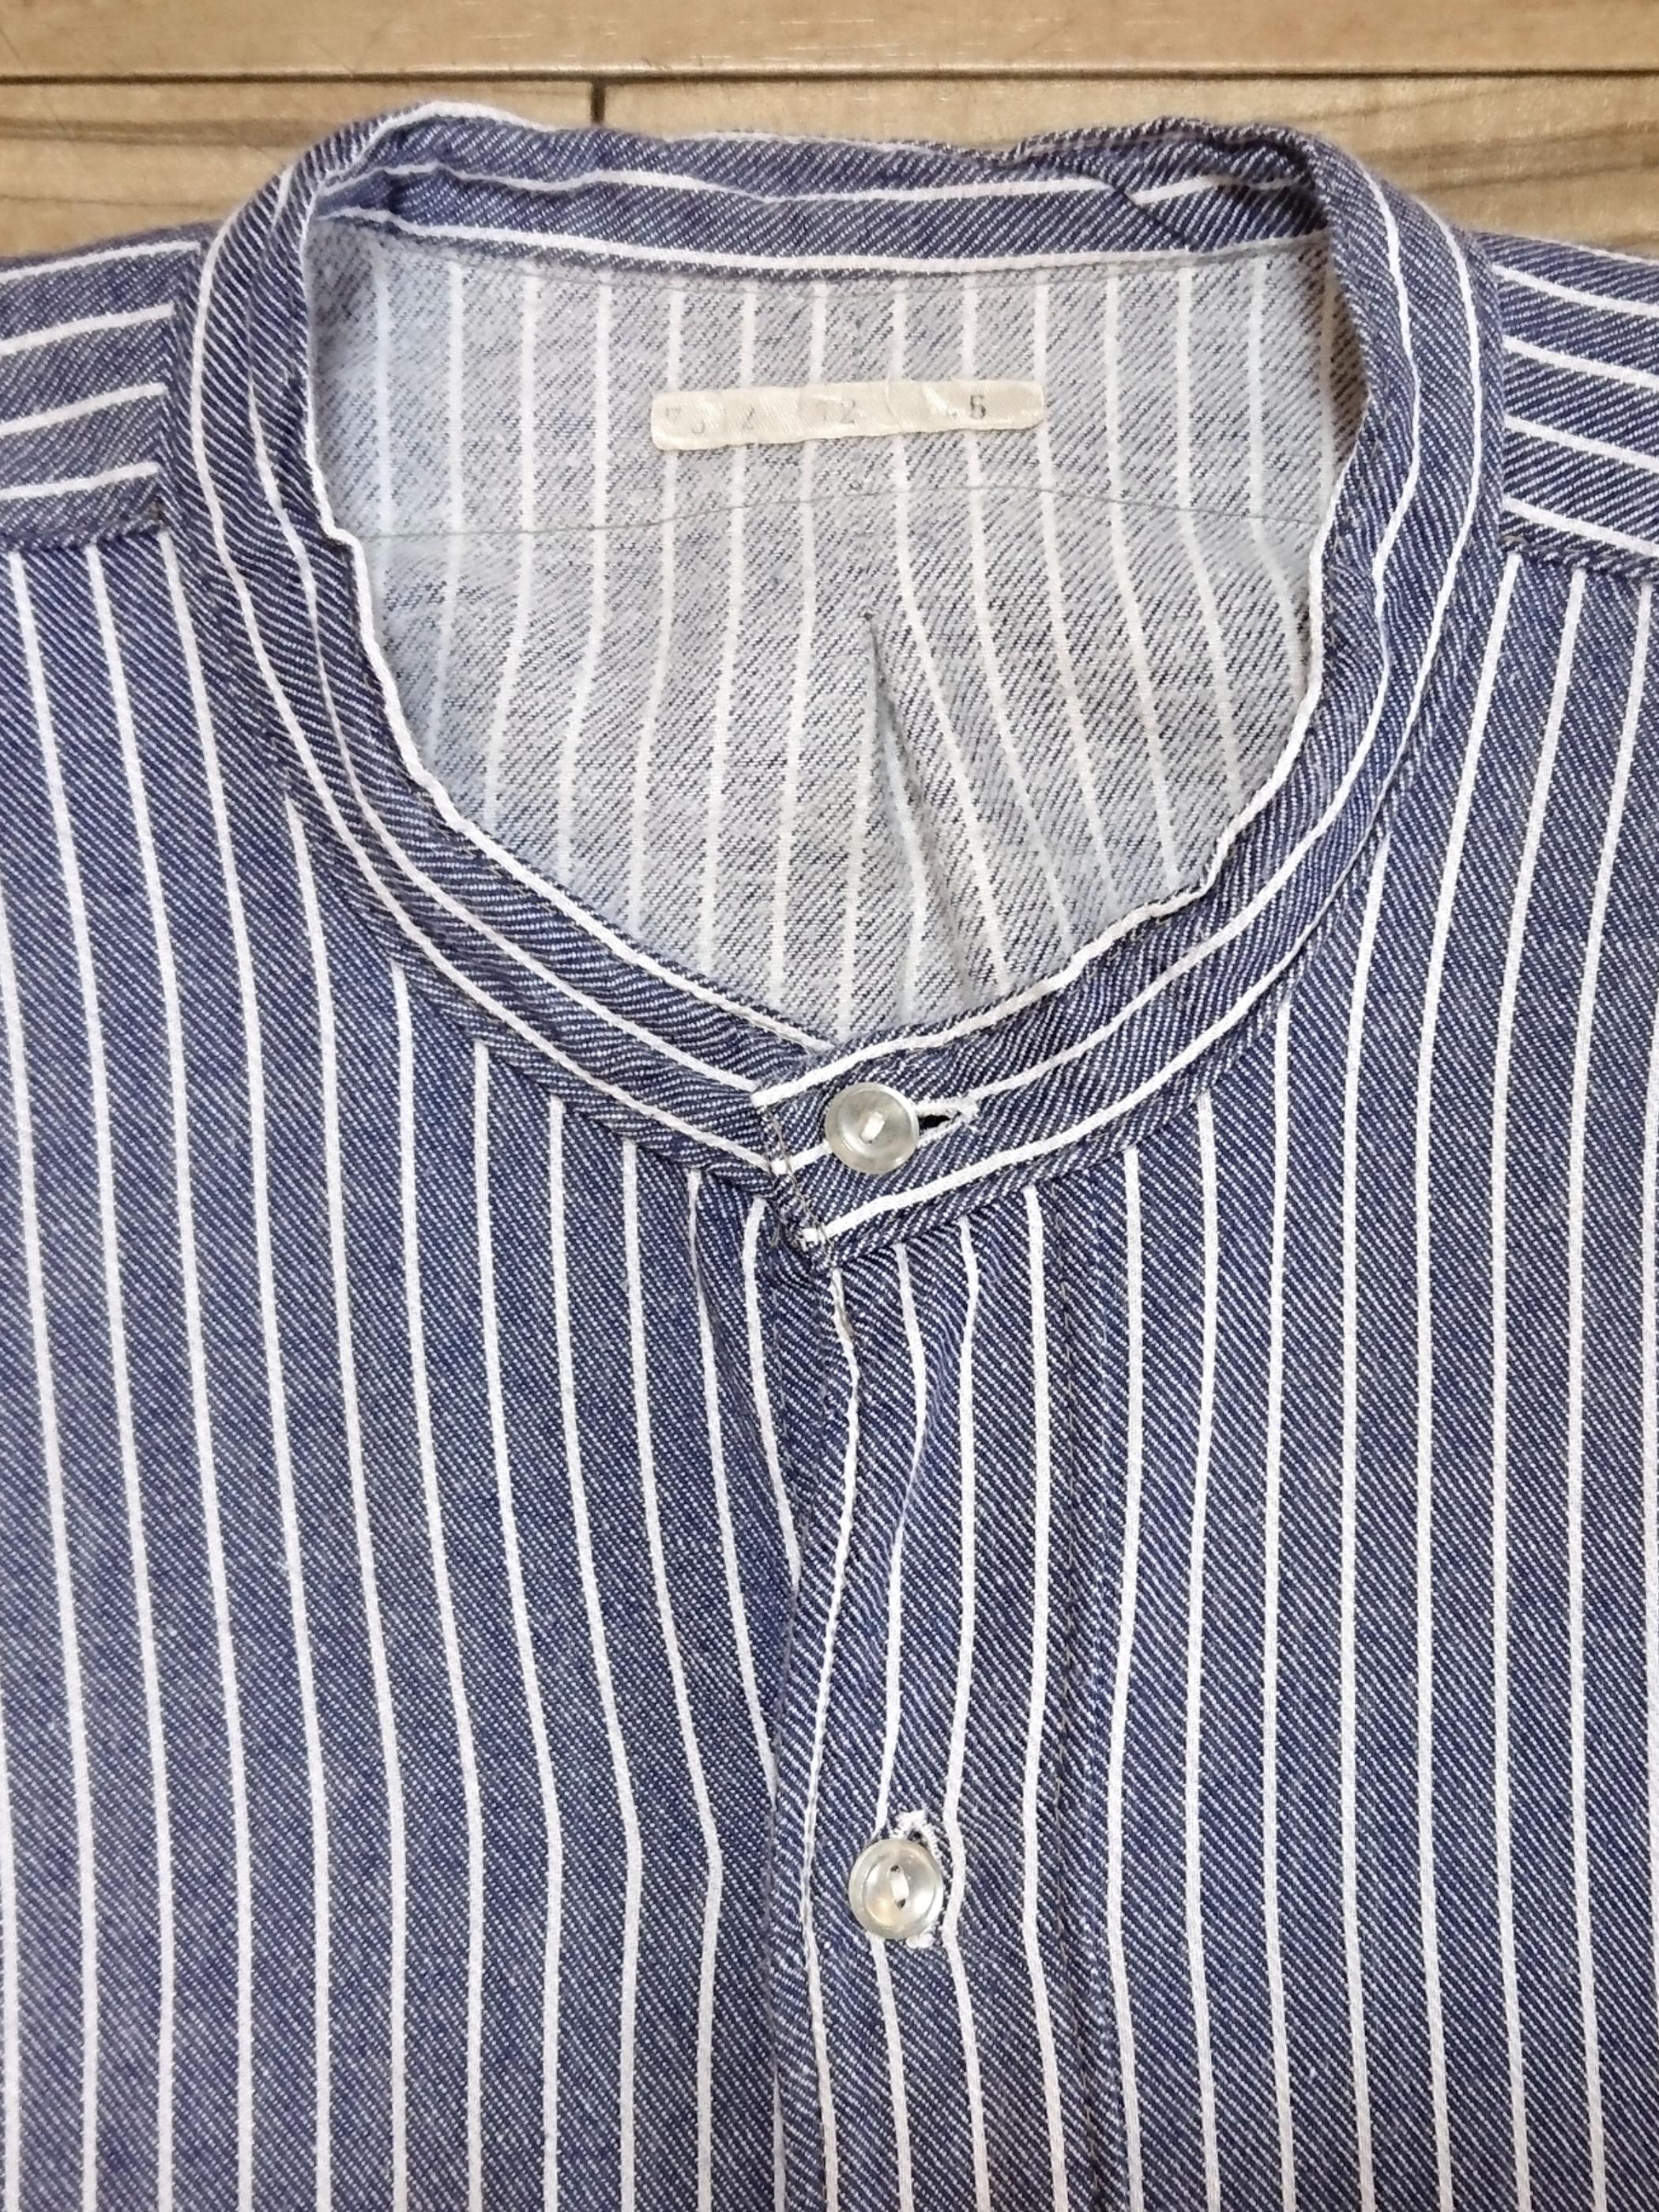 GERMANY Vtg / Pull over fisherman shirt